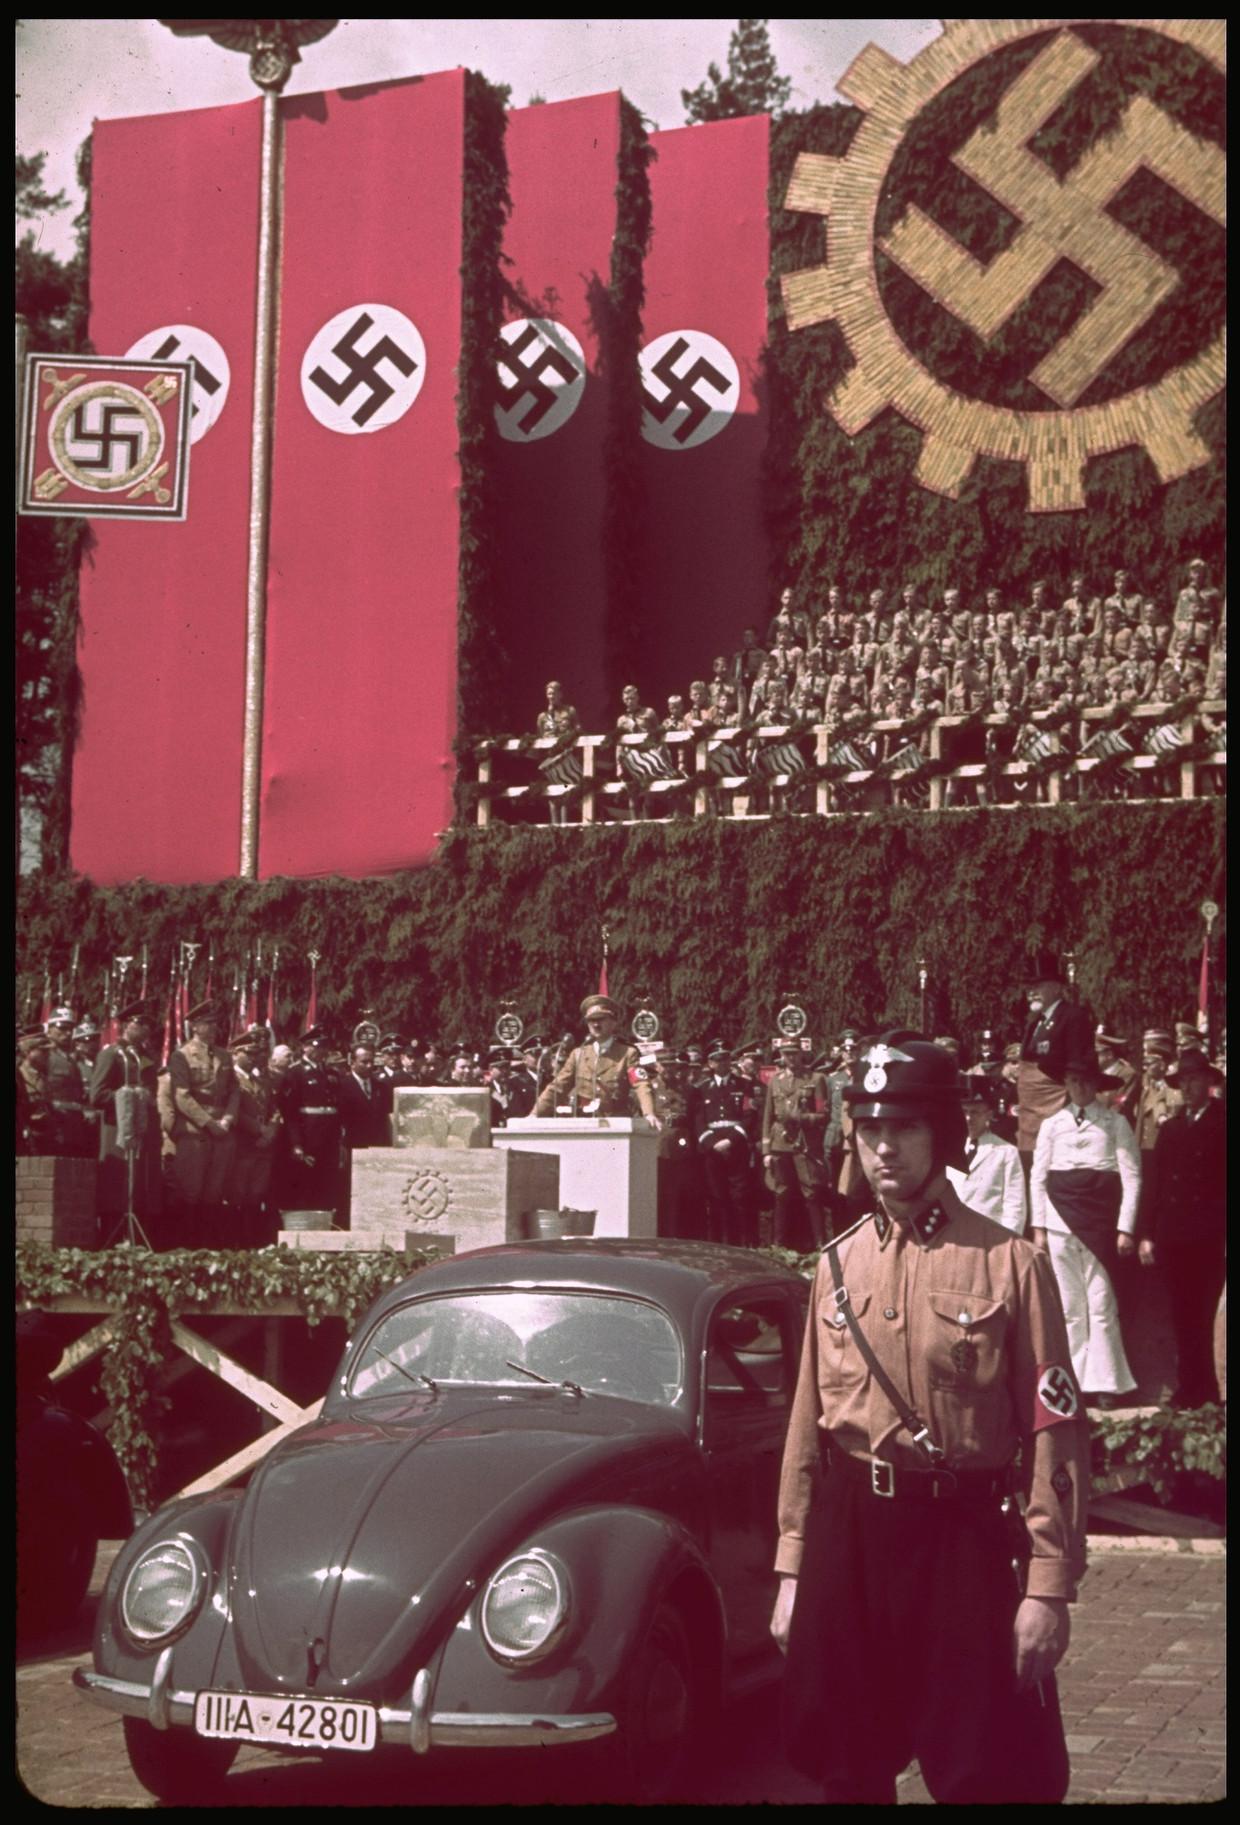 Hitler spreekt tijdens de ceremonie van de eerstesteenlegging bij de Volkswagenfabriek in Fallersleben. Beeld The LIFE Picture Collection/Getty